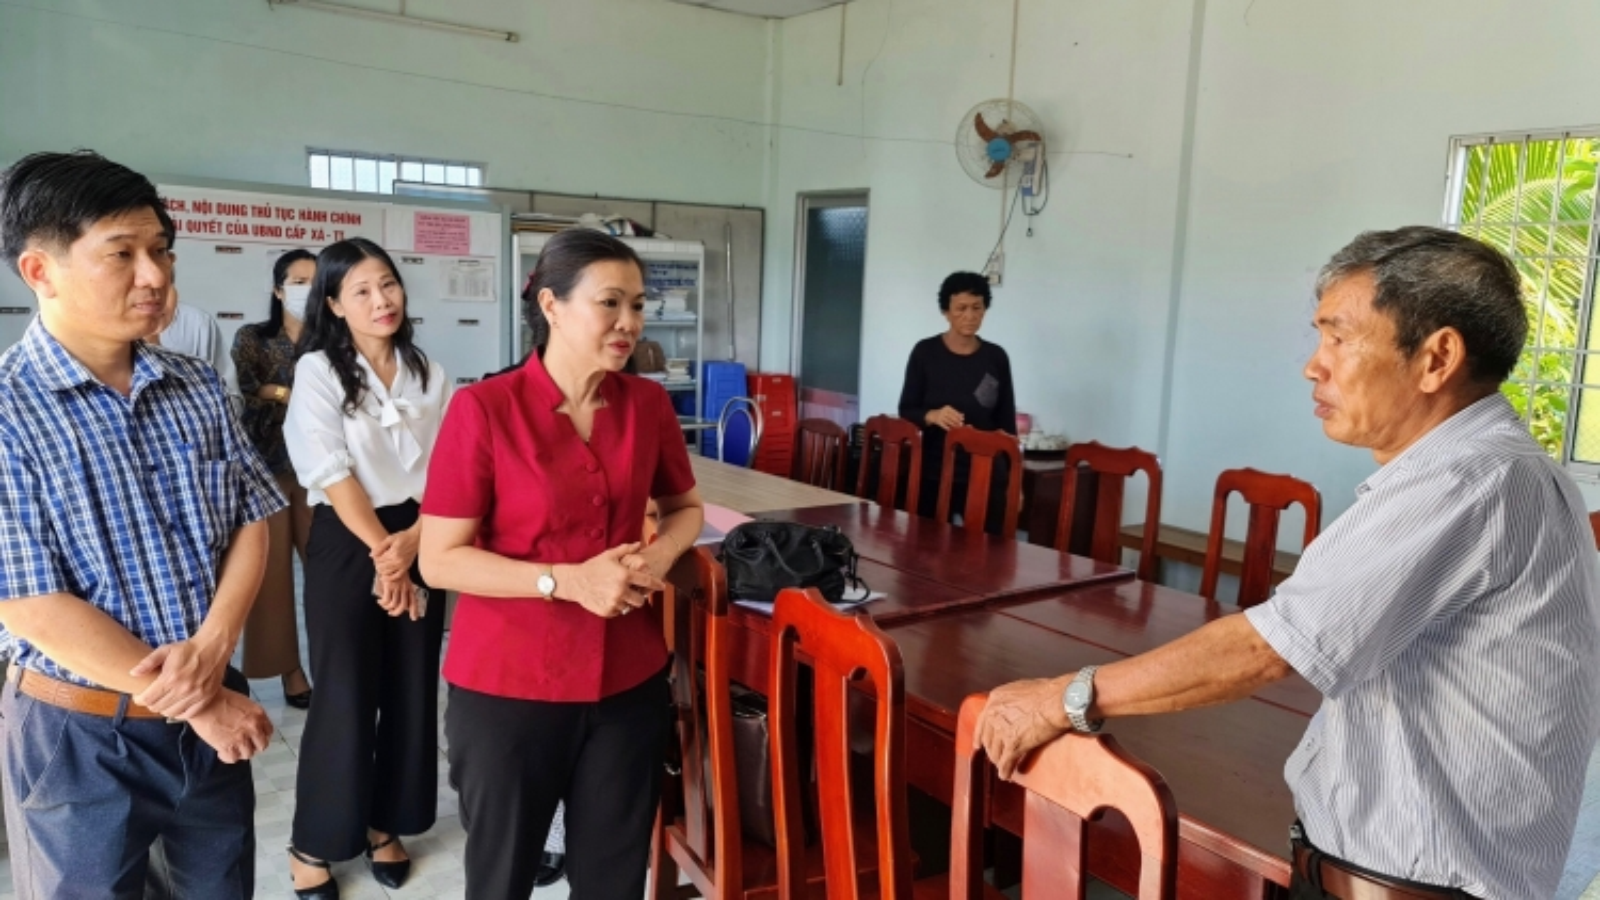 Ủy ban Trung ương MTTQ kiểm tra công tác bầu cử tại tỉnh Bạc Liêu